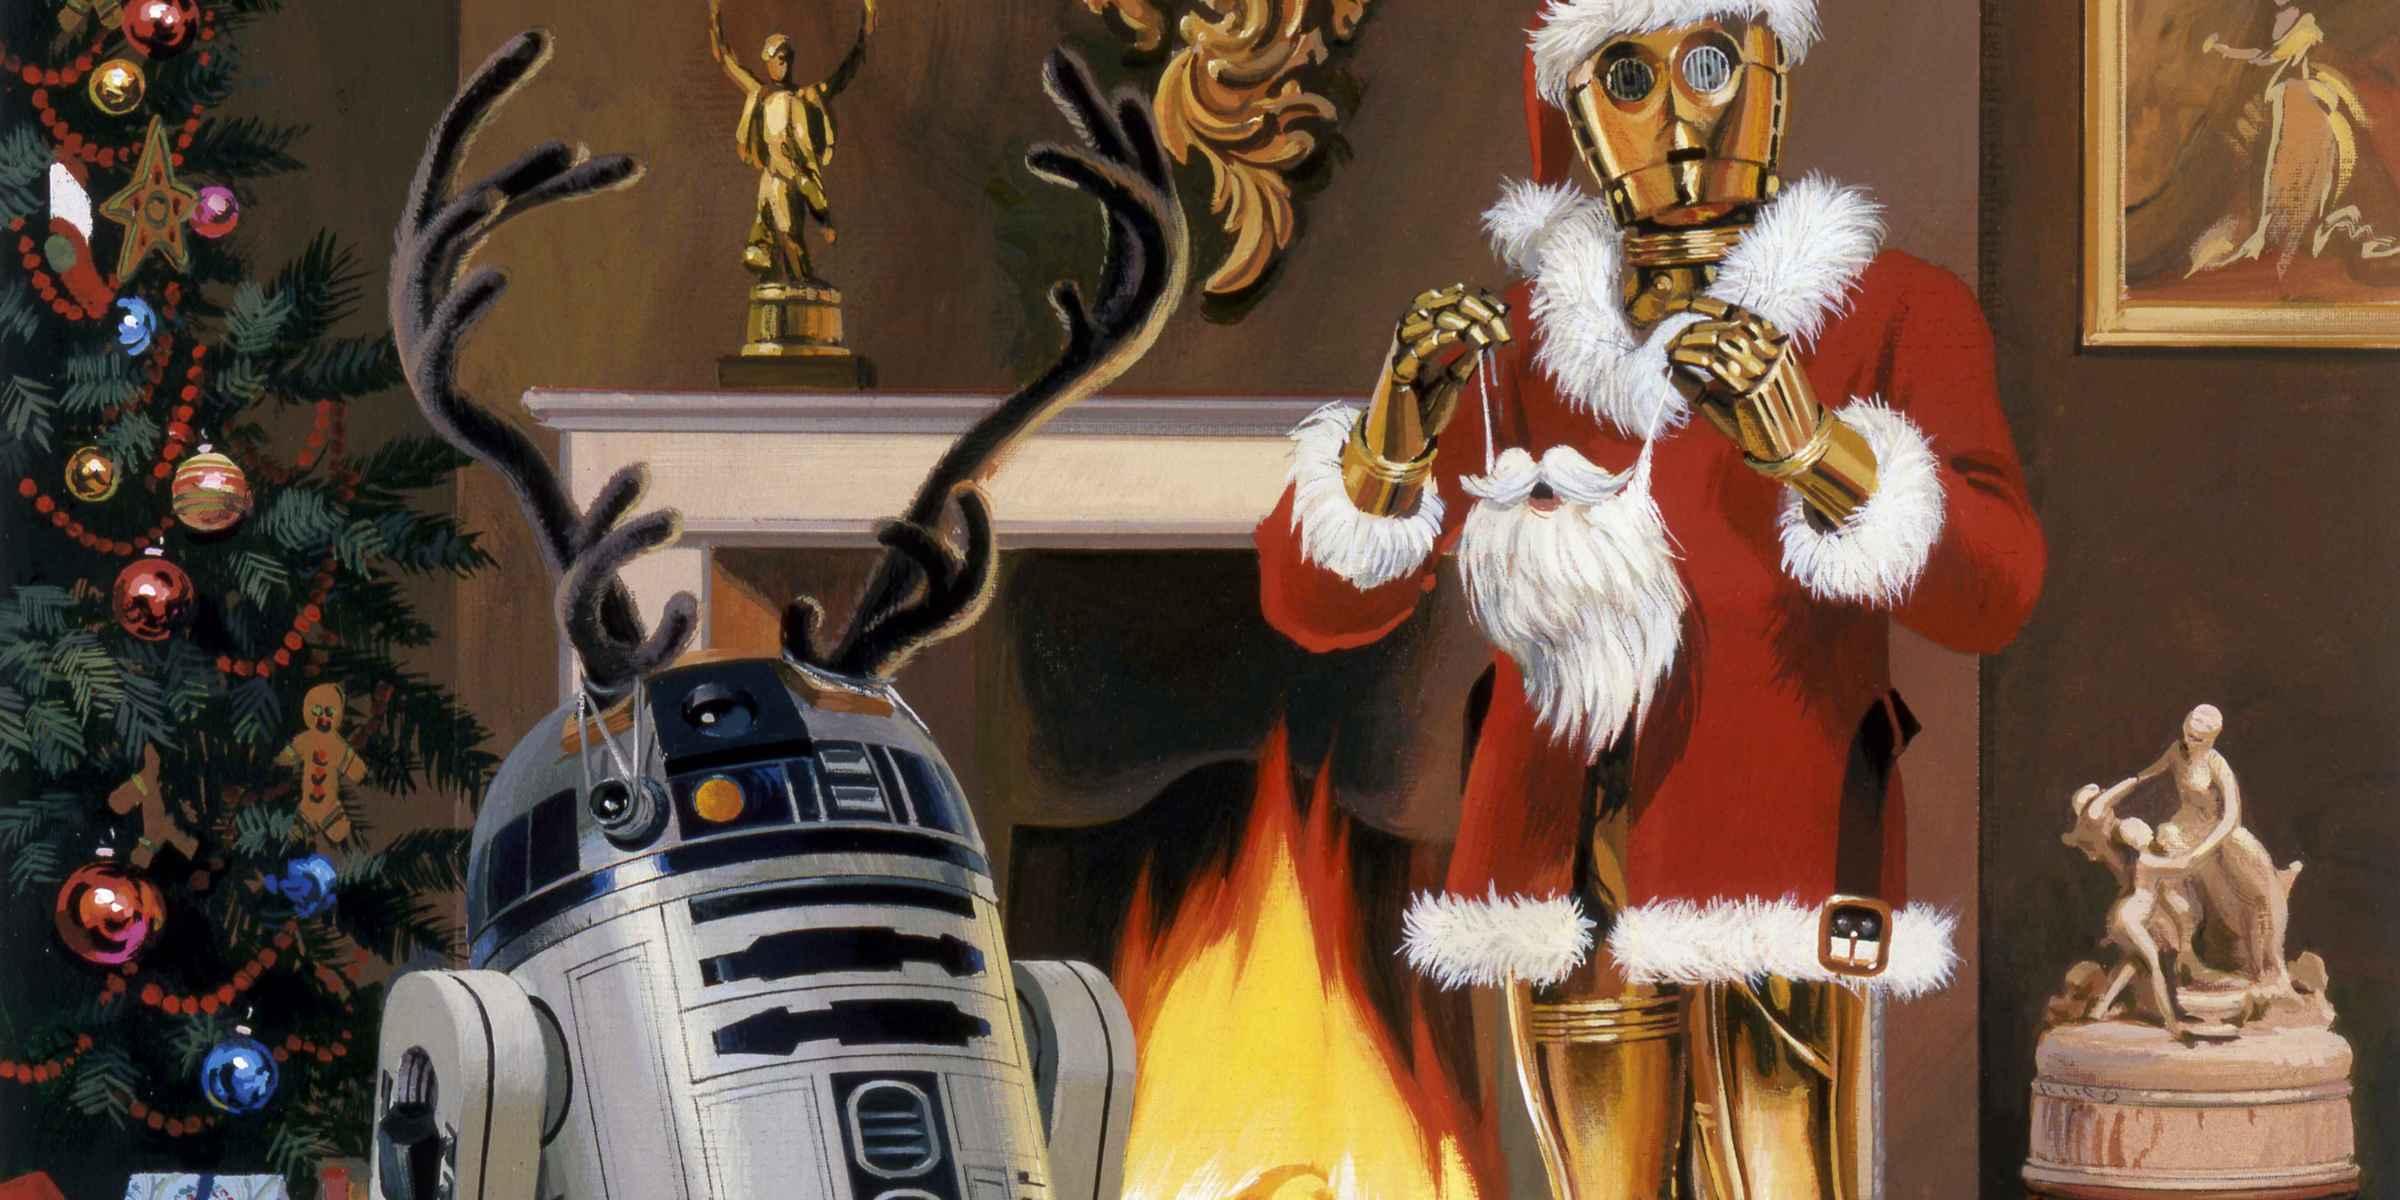 Le 10 migliori idee regalo a tema Star Wars